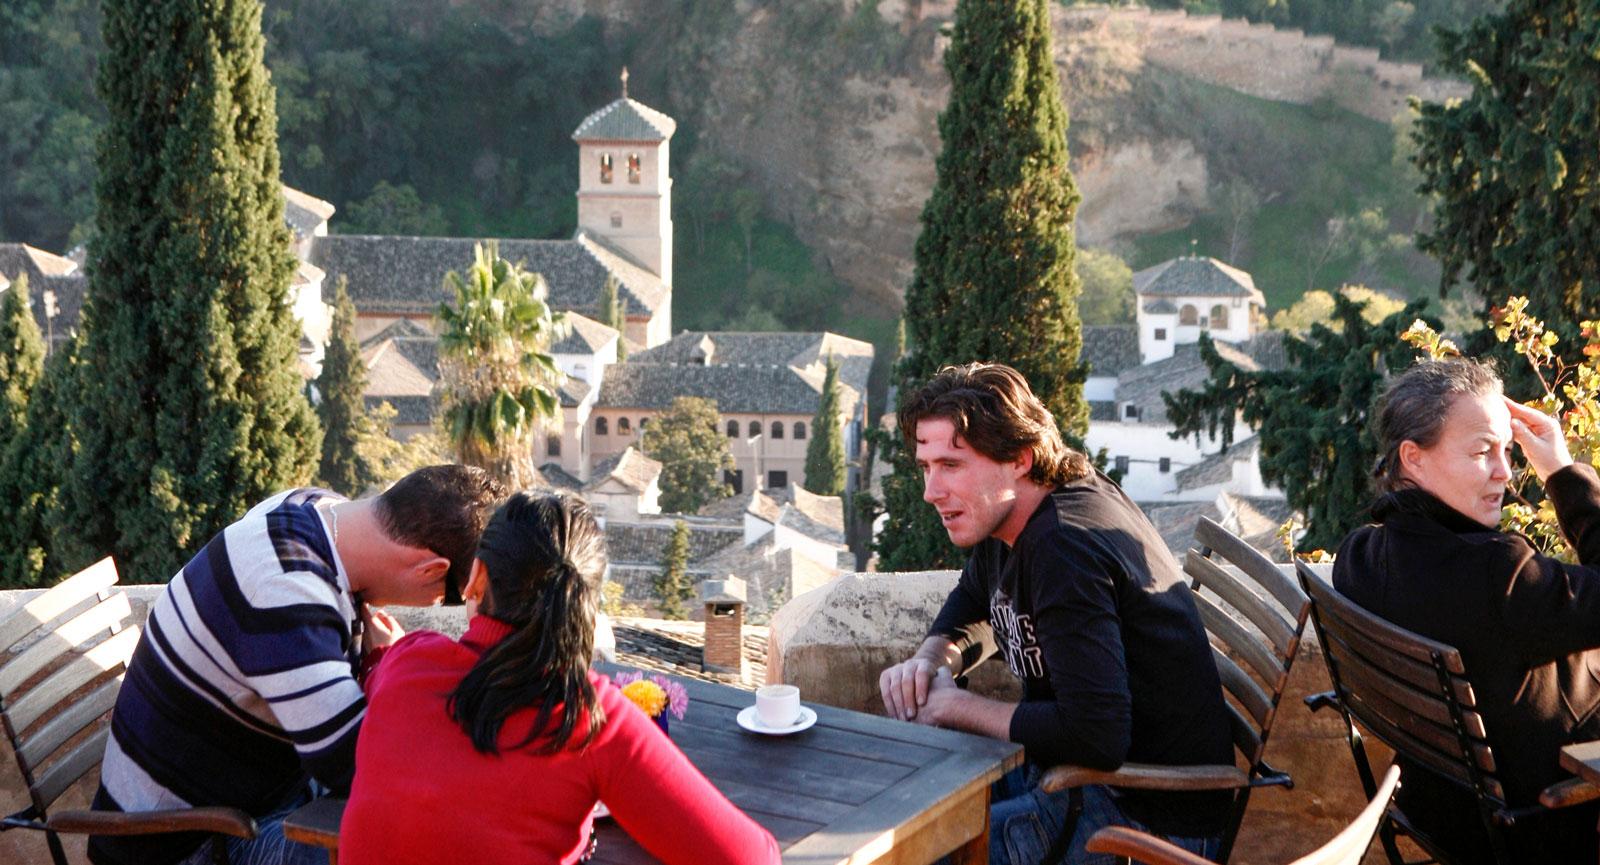 Restaurante-Bar Las Tomasas med härlig utsikt över Alhambra.